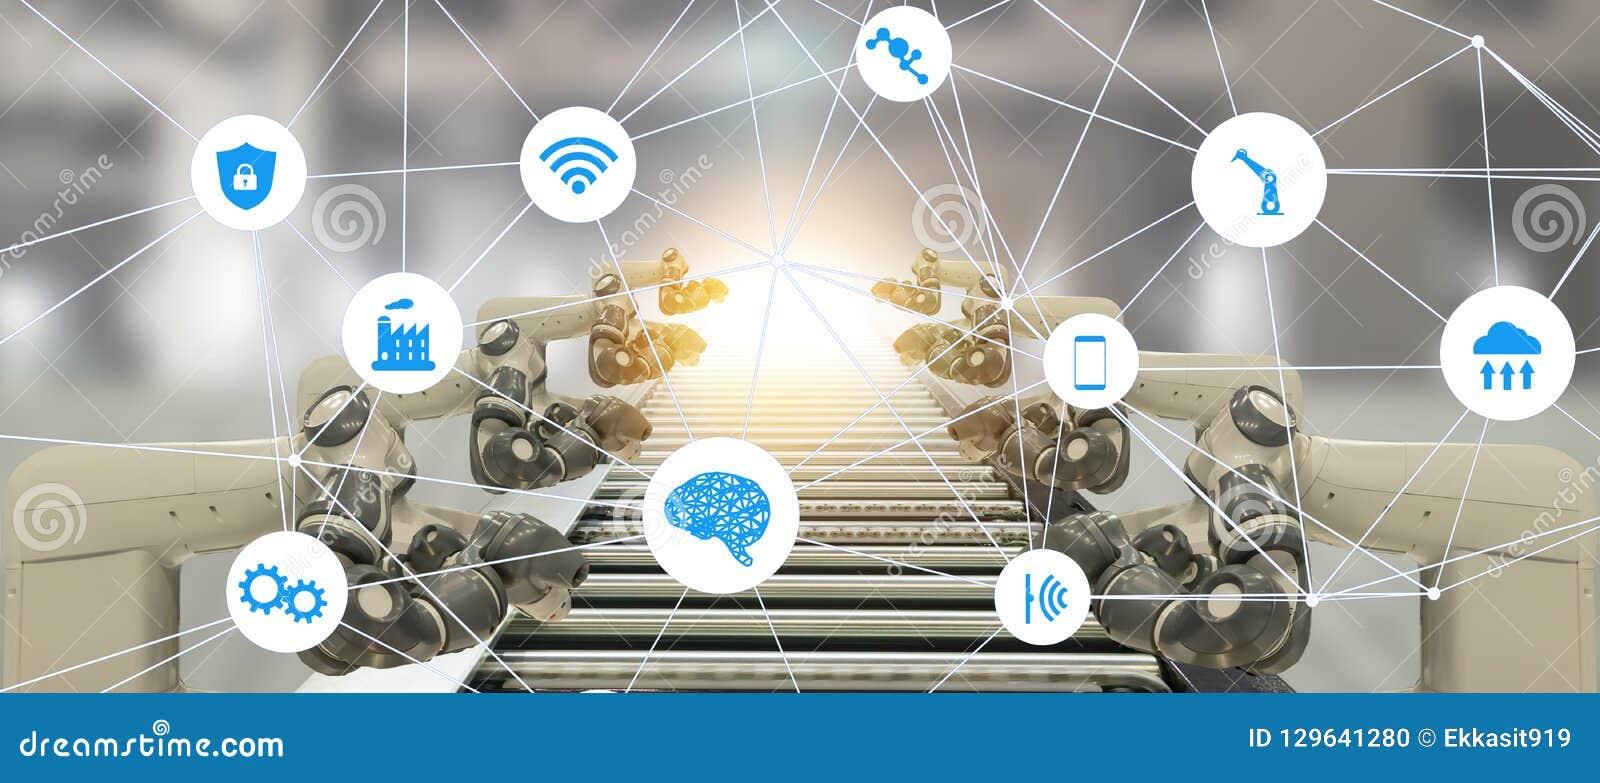 Iot-Industrie 4 0 Technologiekonzept der künstlichen Intelligenz Intelligente Fabrik unter Verwendung des Neigens Automatisierung